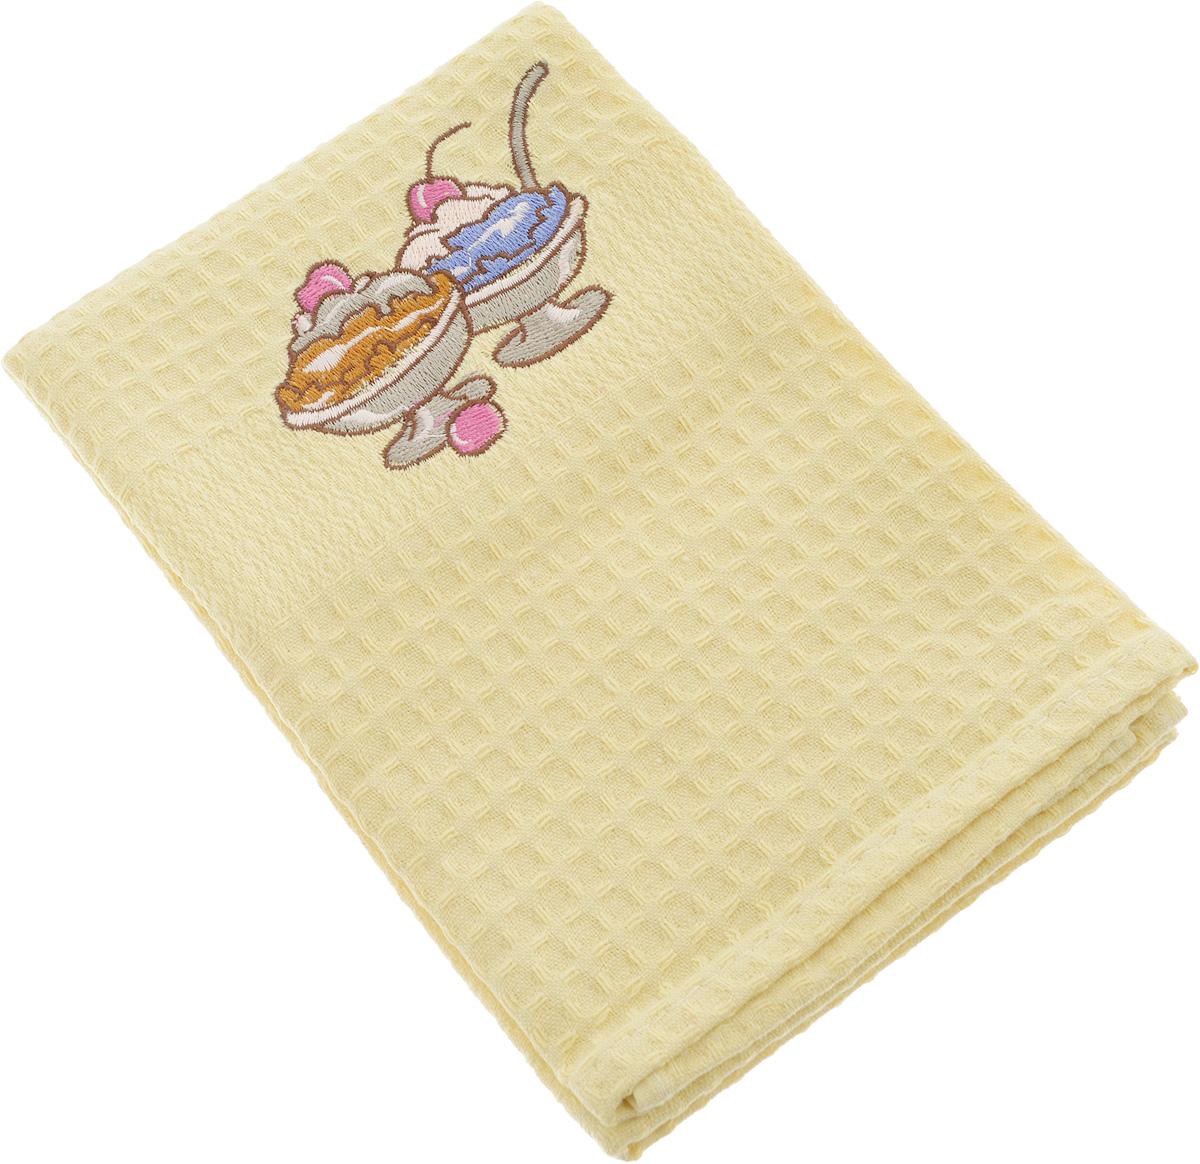 Полотенце кухонное Soavita, 40 х 60 см. 4880548805Кухонное полотенце Soavita выполнено из 100% хлопка. Оно отлично впитывает влагу, быстро сохнет, сохраняет яркость цвета и не теряет форму даже после многократных стирок. Изделие предназначено для использования на кухне и в столовой. Такое полотенце станет отличным вариантом для практичной и современной хозяйки.